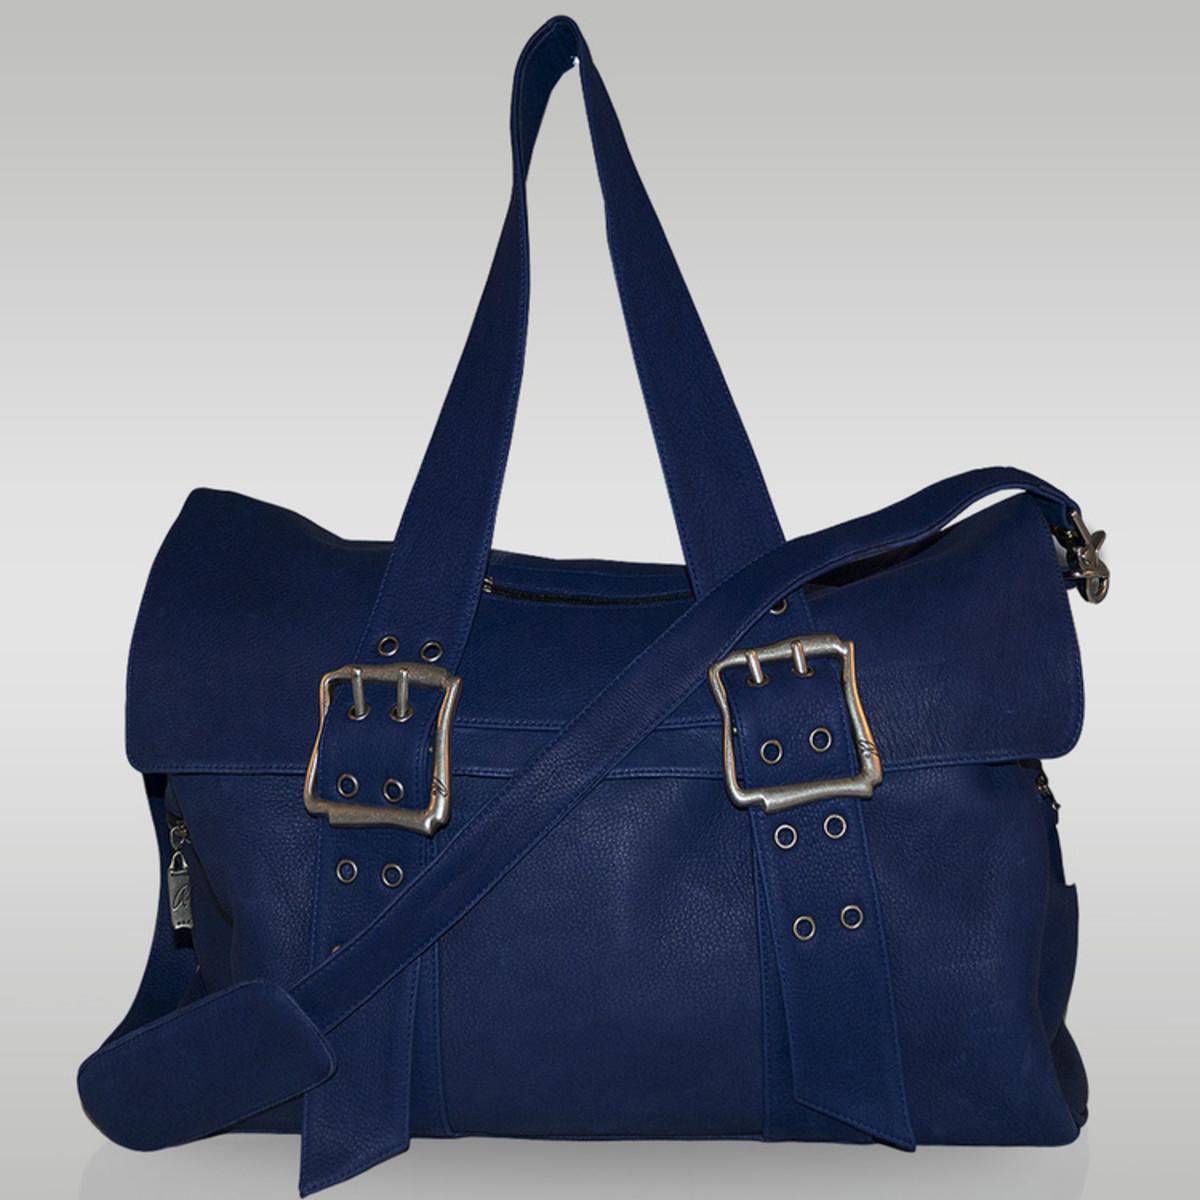 0000612_padua-travel-duffle-bag-in-blue